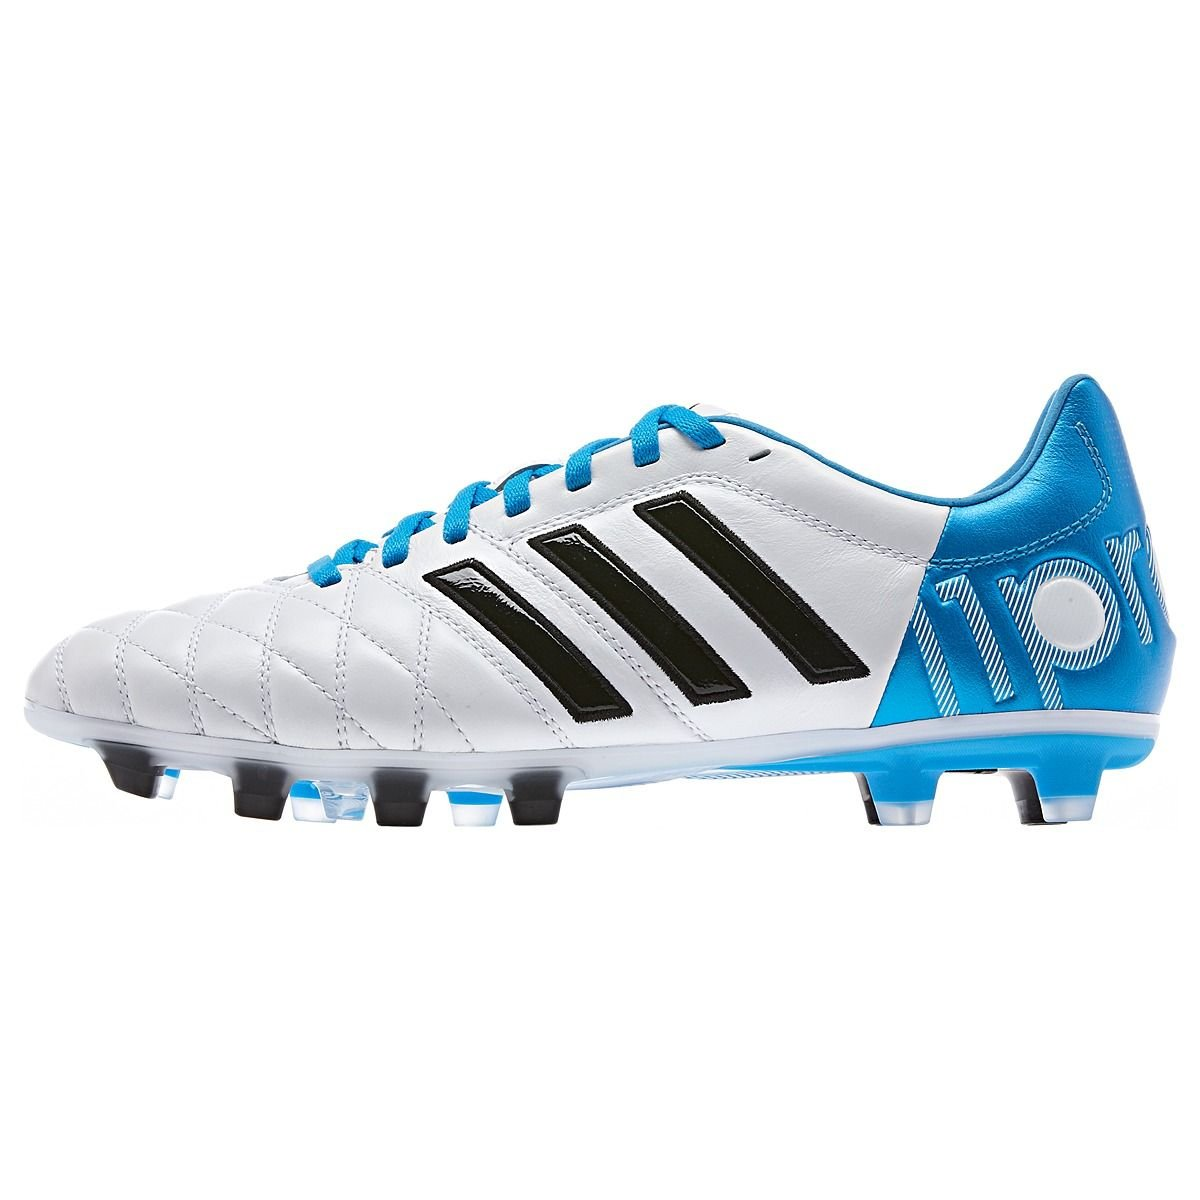 günstige sportbekleidung | Günstige Adidas Sale,Adidas 11Pro